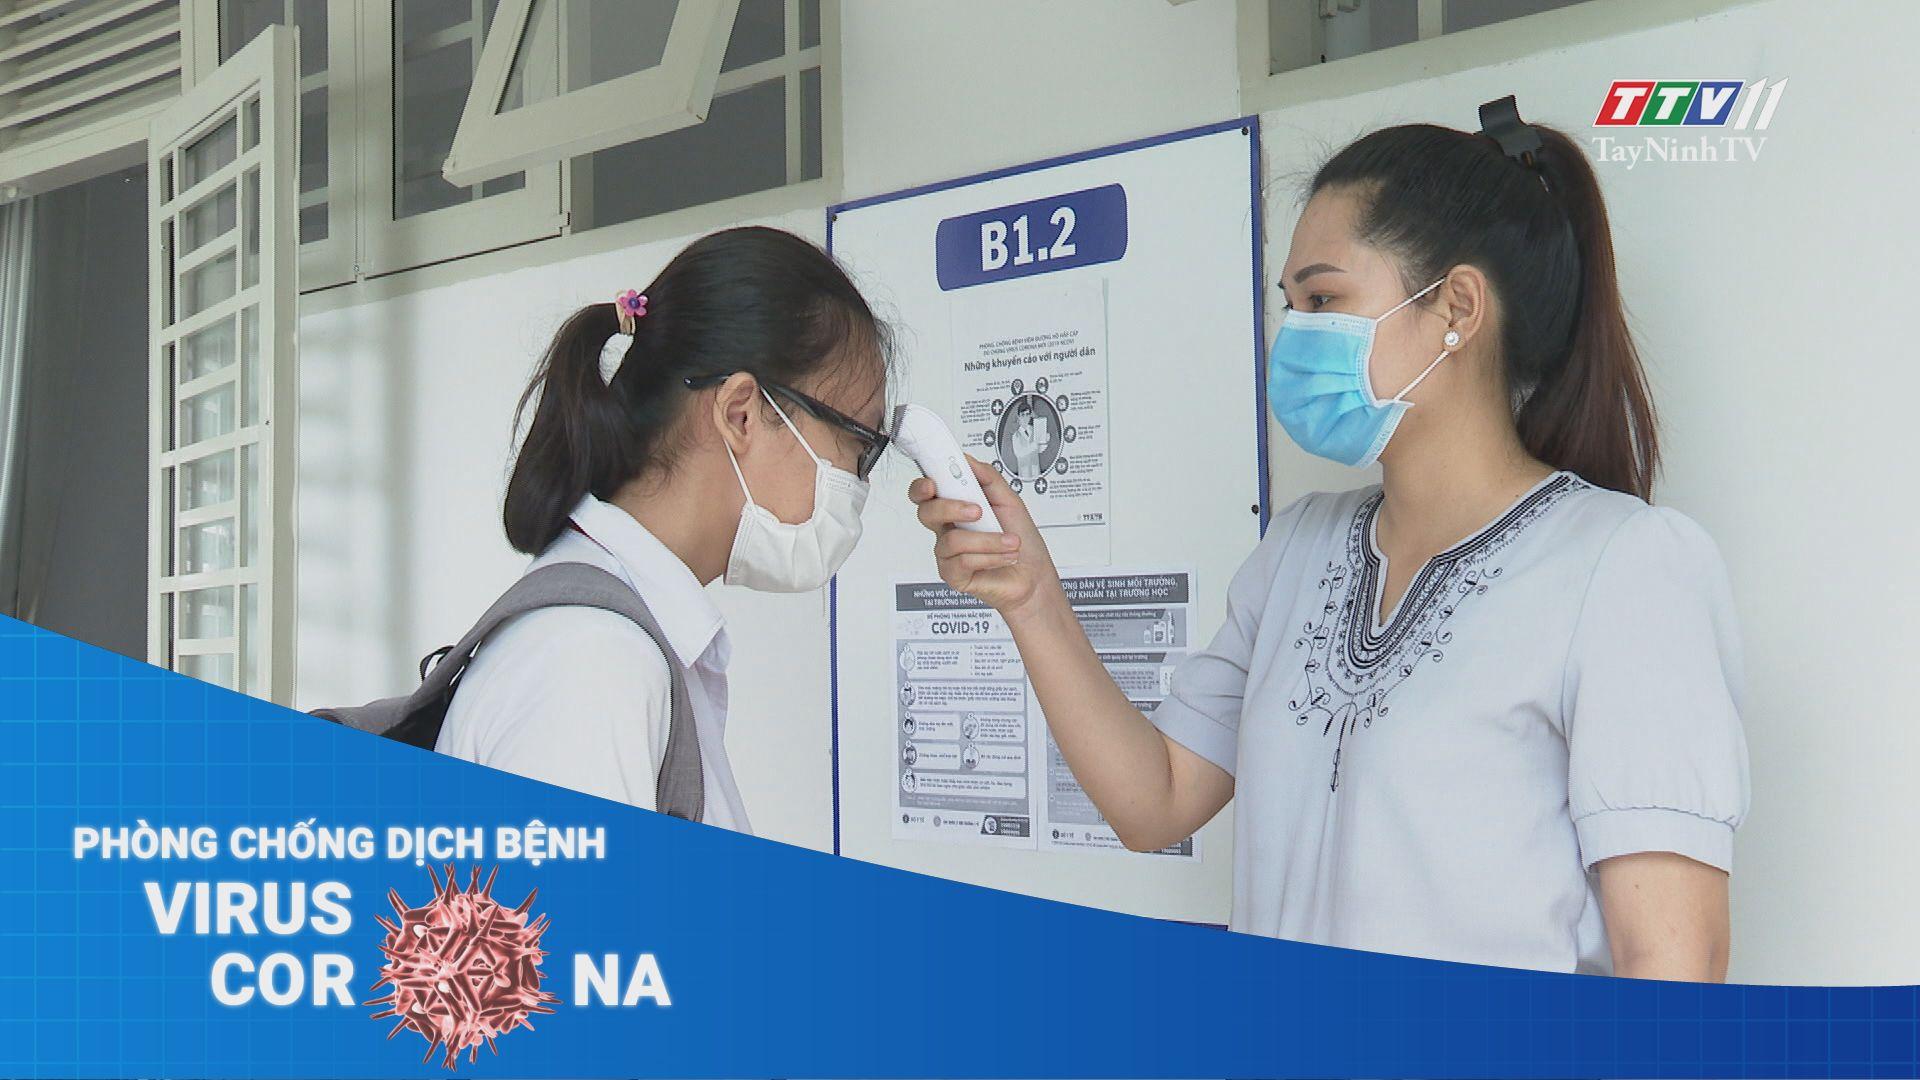 Đảm bảo các điều kiện cho học sinh trở lại trường | THÔNG TIN DỊCH CÚM COVID-19 | TayNinhTV